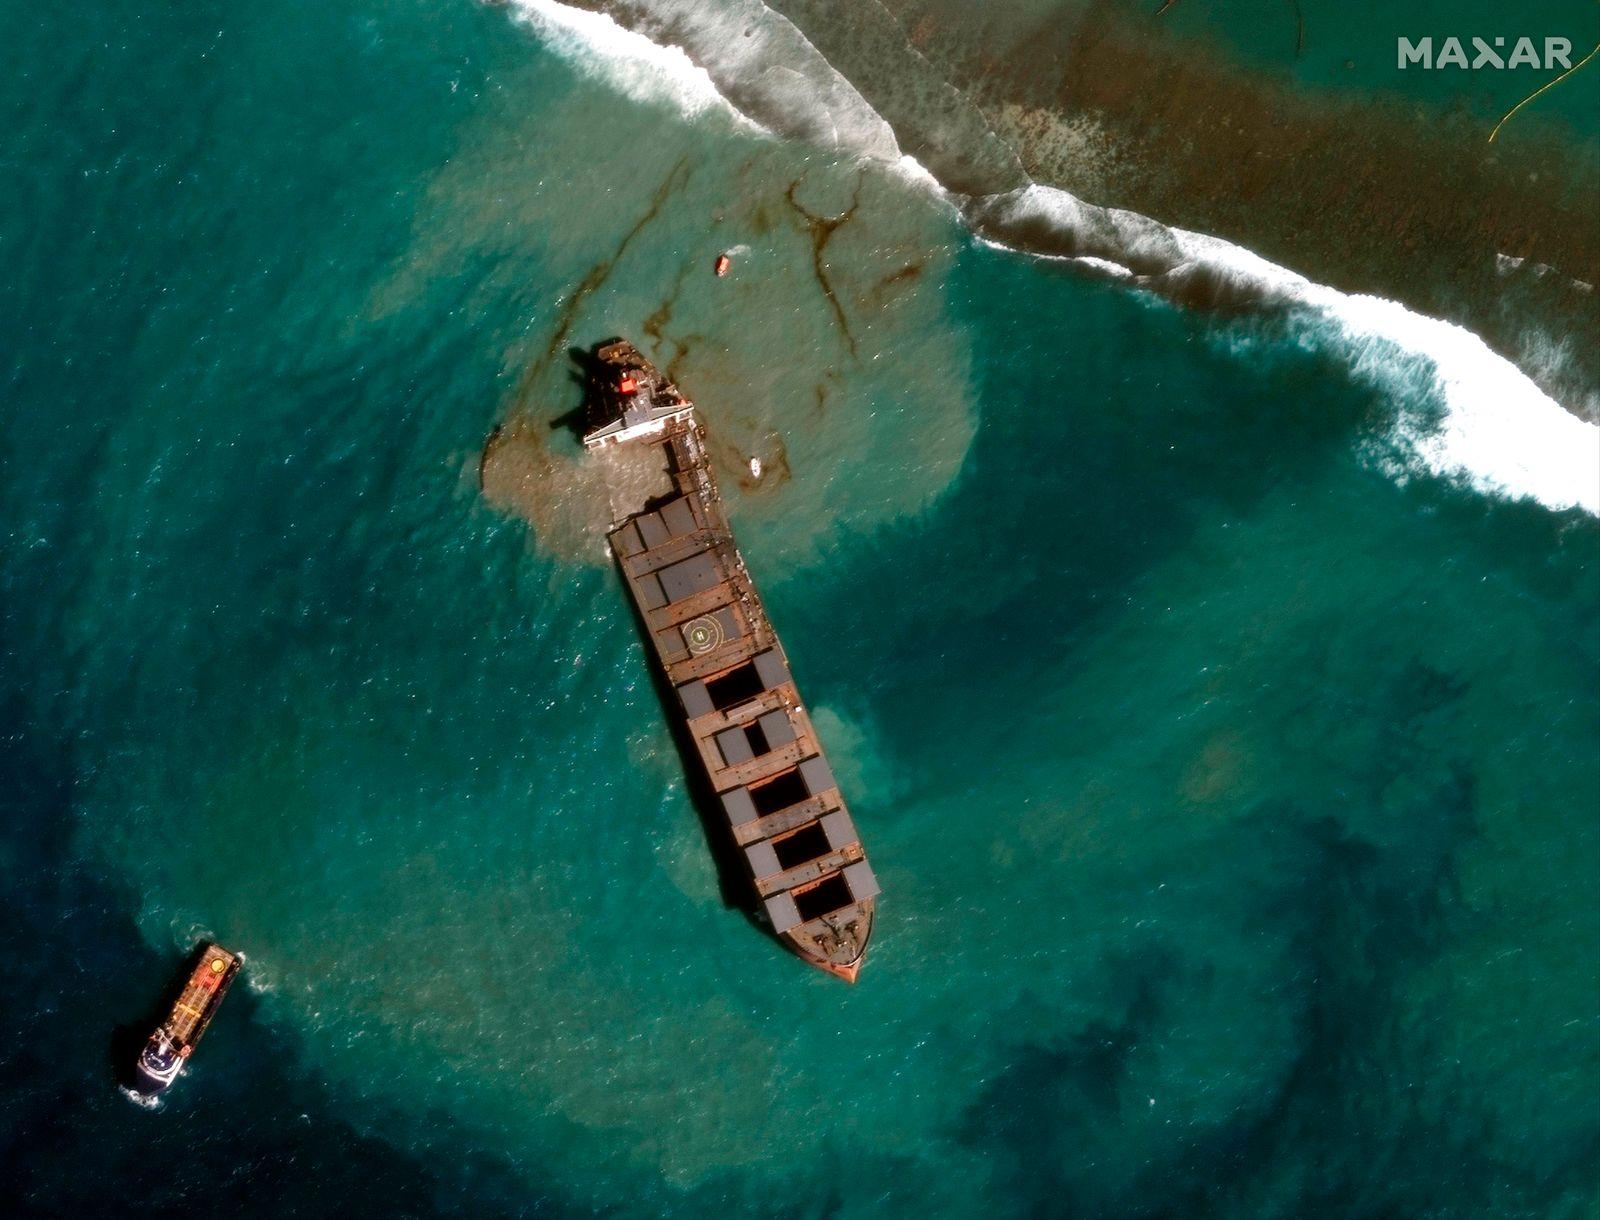 TOPSHOT-MAURITIUS-JAPAN-SHIPPING-ENVIRONMENT-POLLUTION